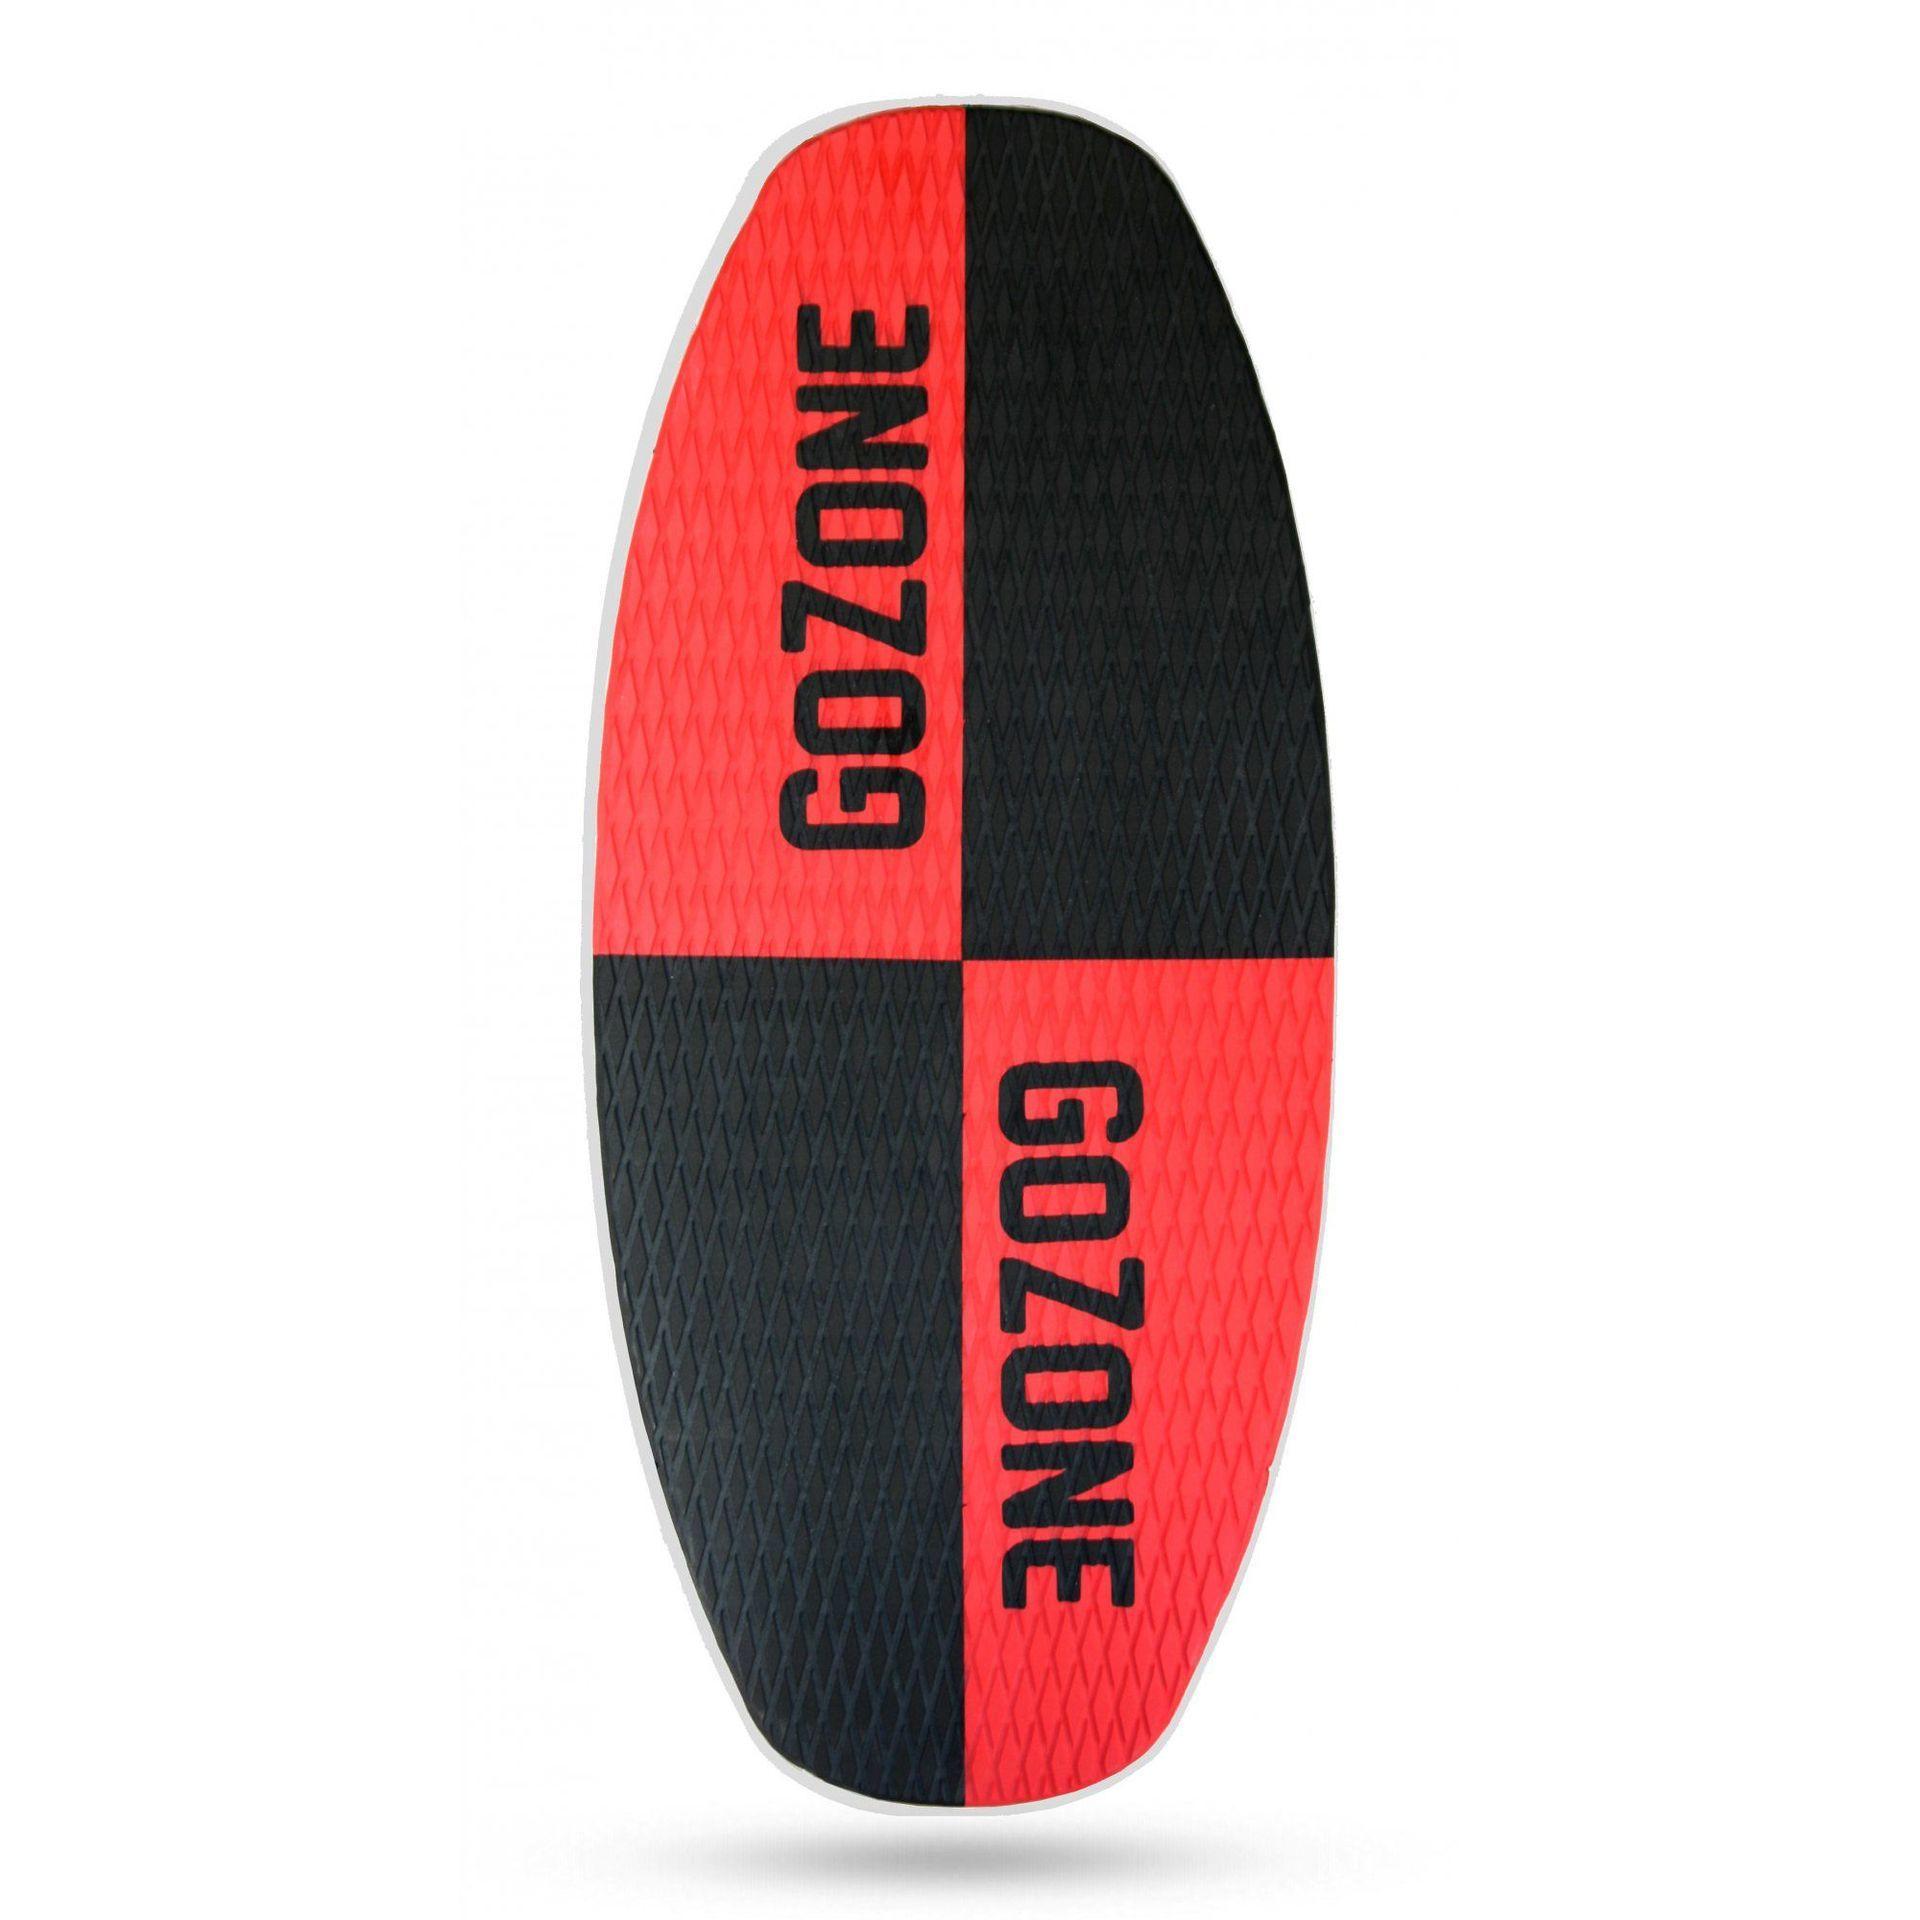 SKIMBOARD GOZONE PRO S BLACK|RED